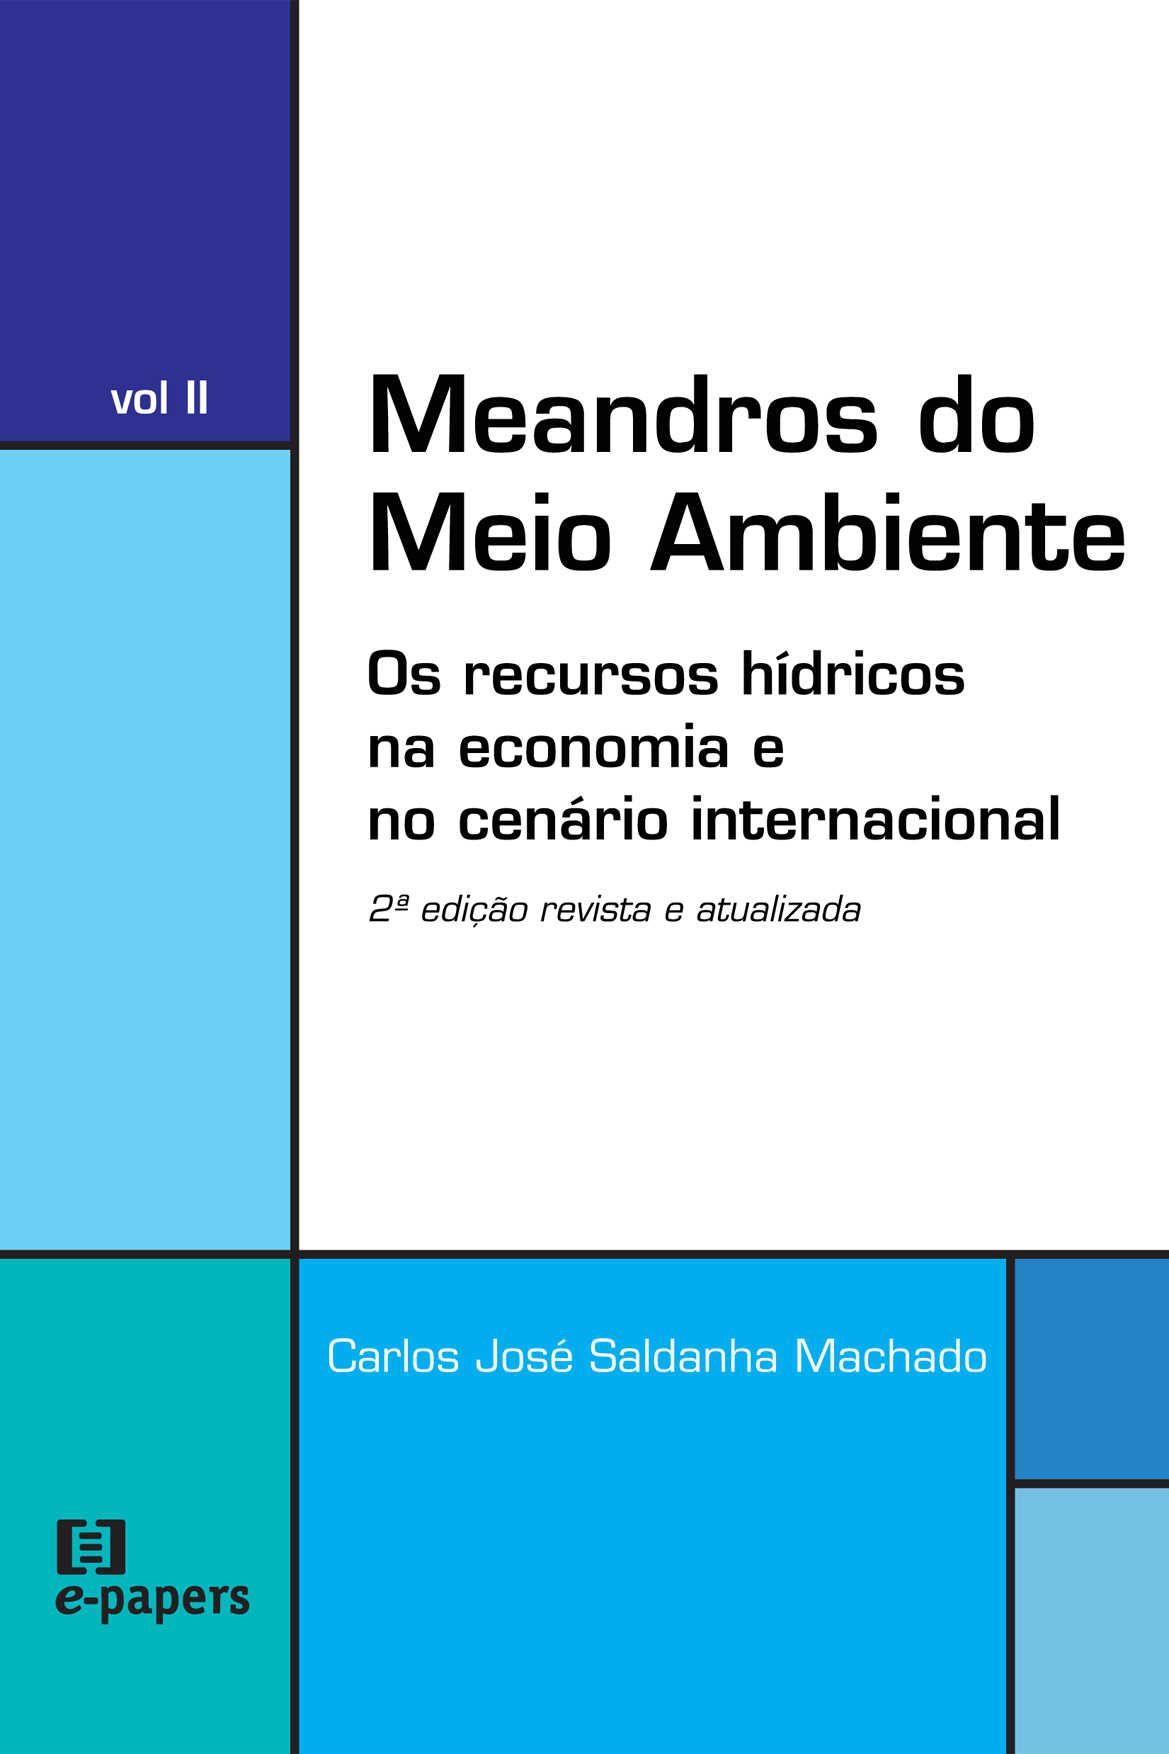 Meandros do Meio Ambiente II: Os recursos hídricos na economia e no cenário internacional